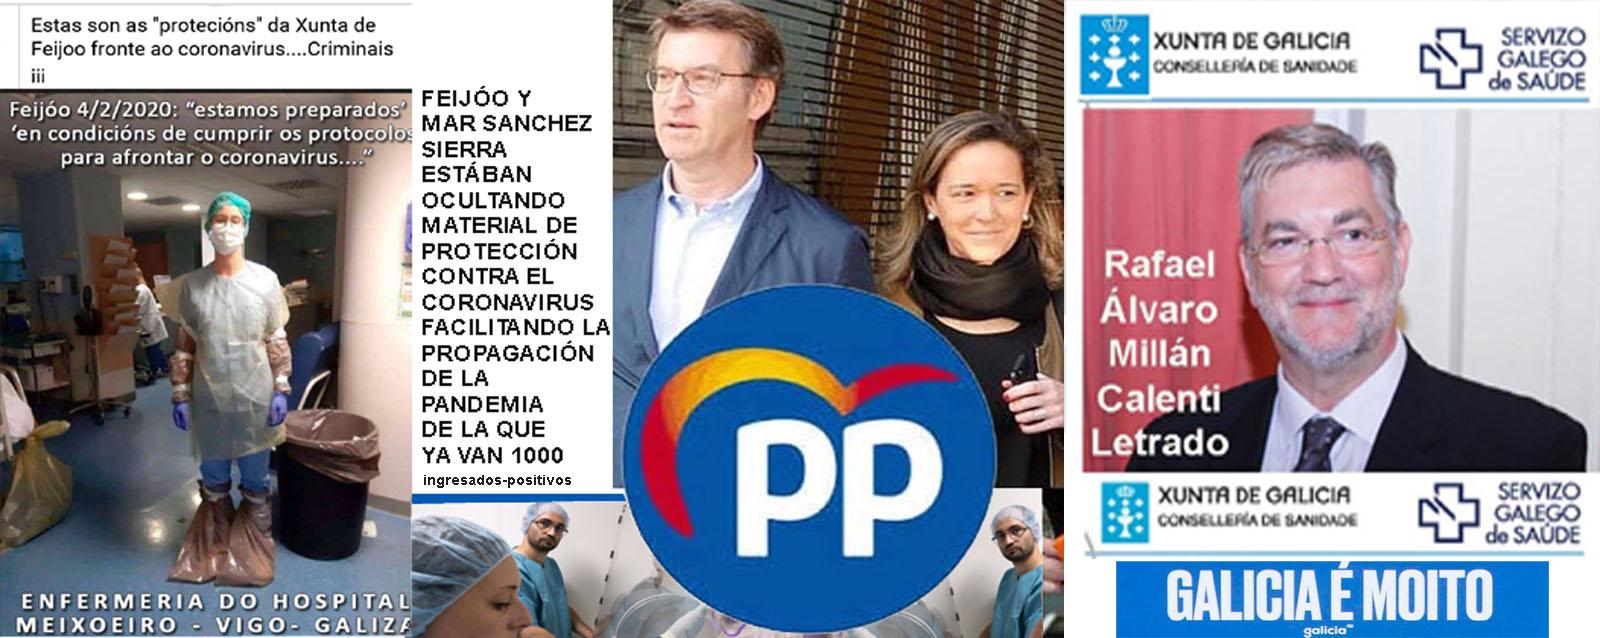 Feijóo y Mar Sánchez Sierra están ocultando material de prevención del  coronavirus para facilitar el contagio y aumento de positivos en la tercera  edad y personal del Sergas. - Xornal Galicia